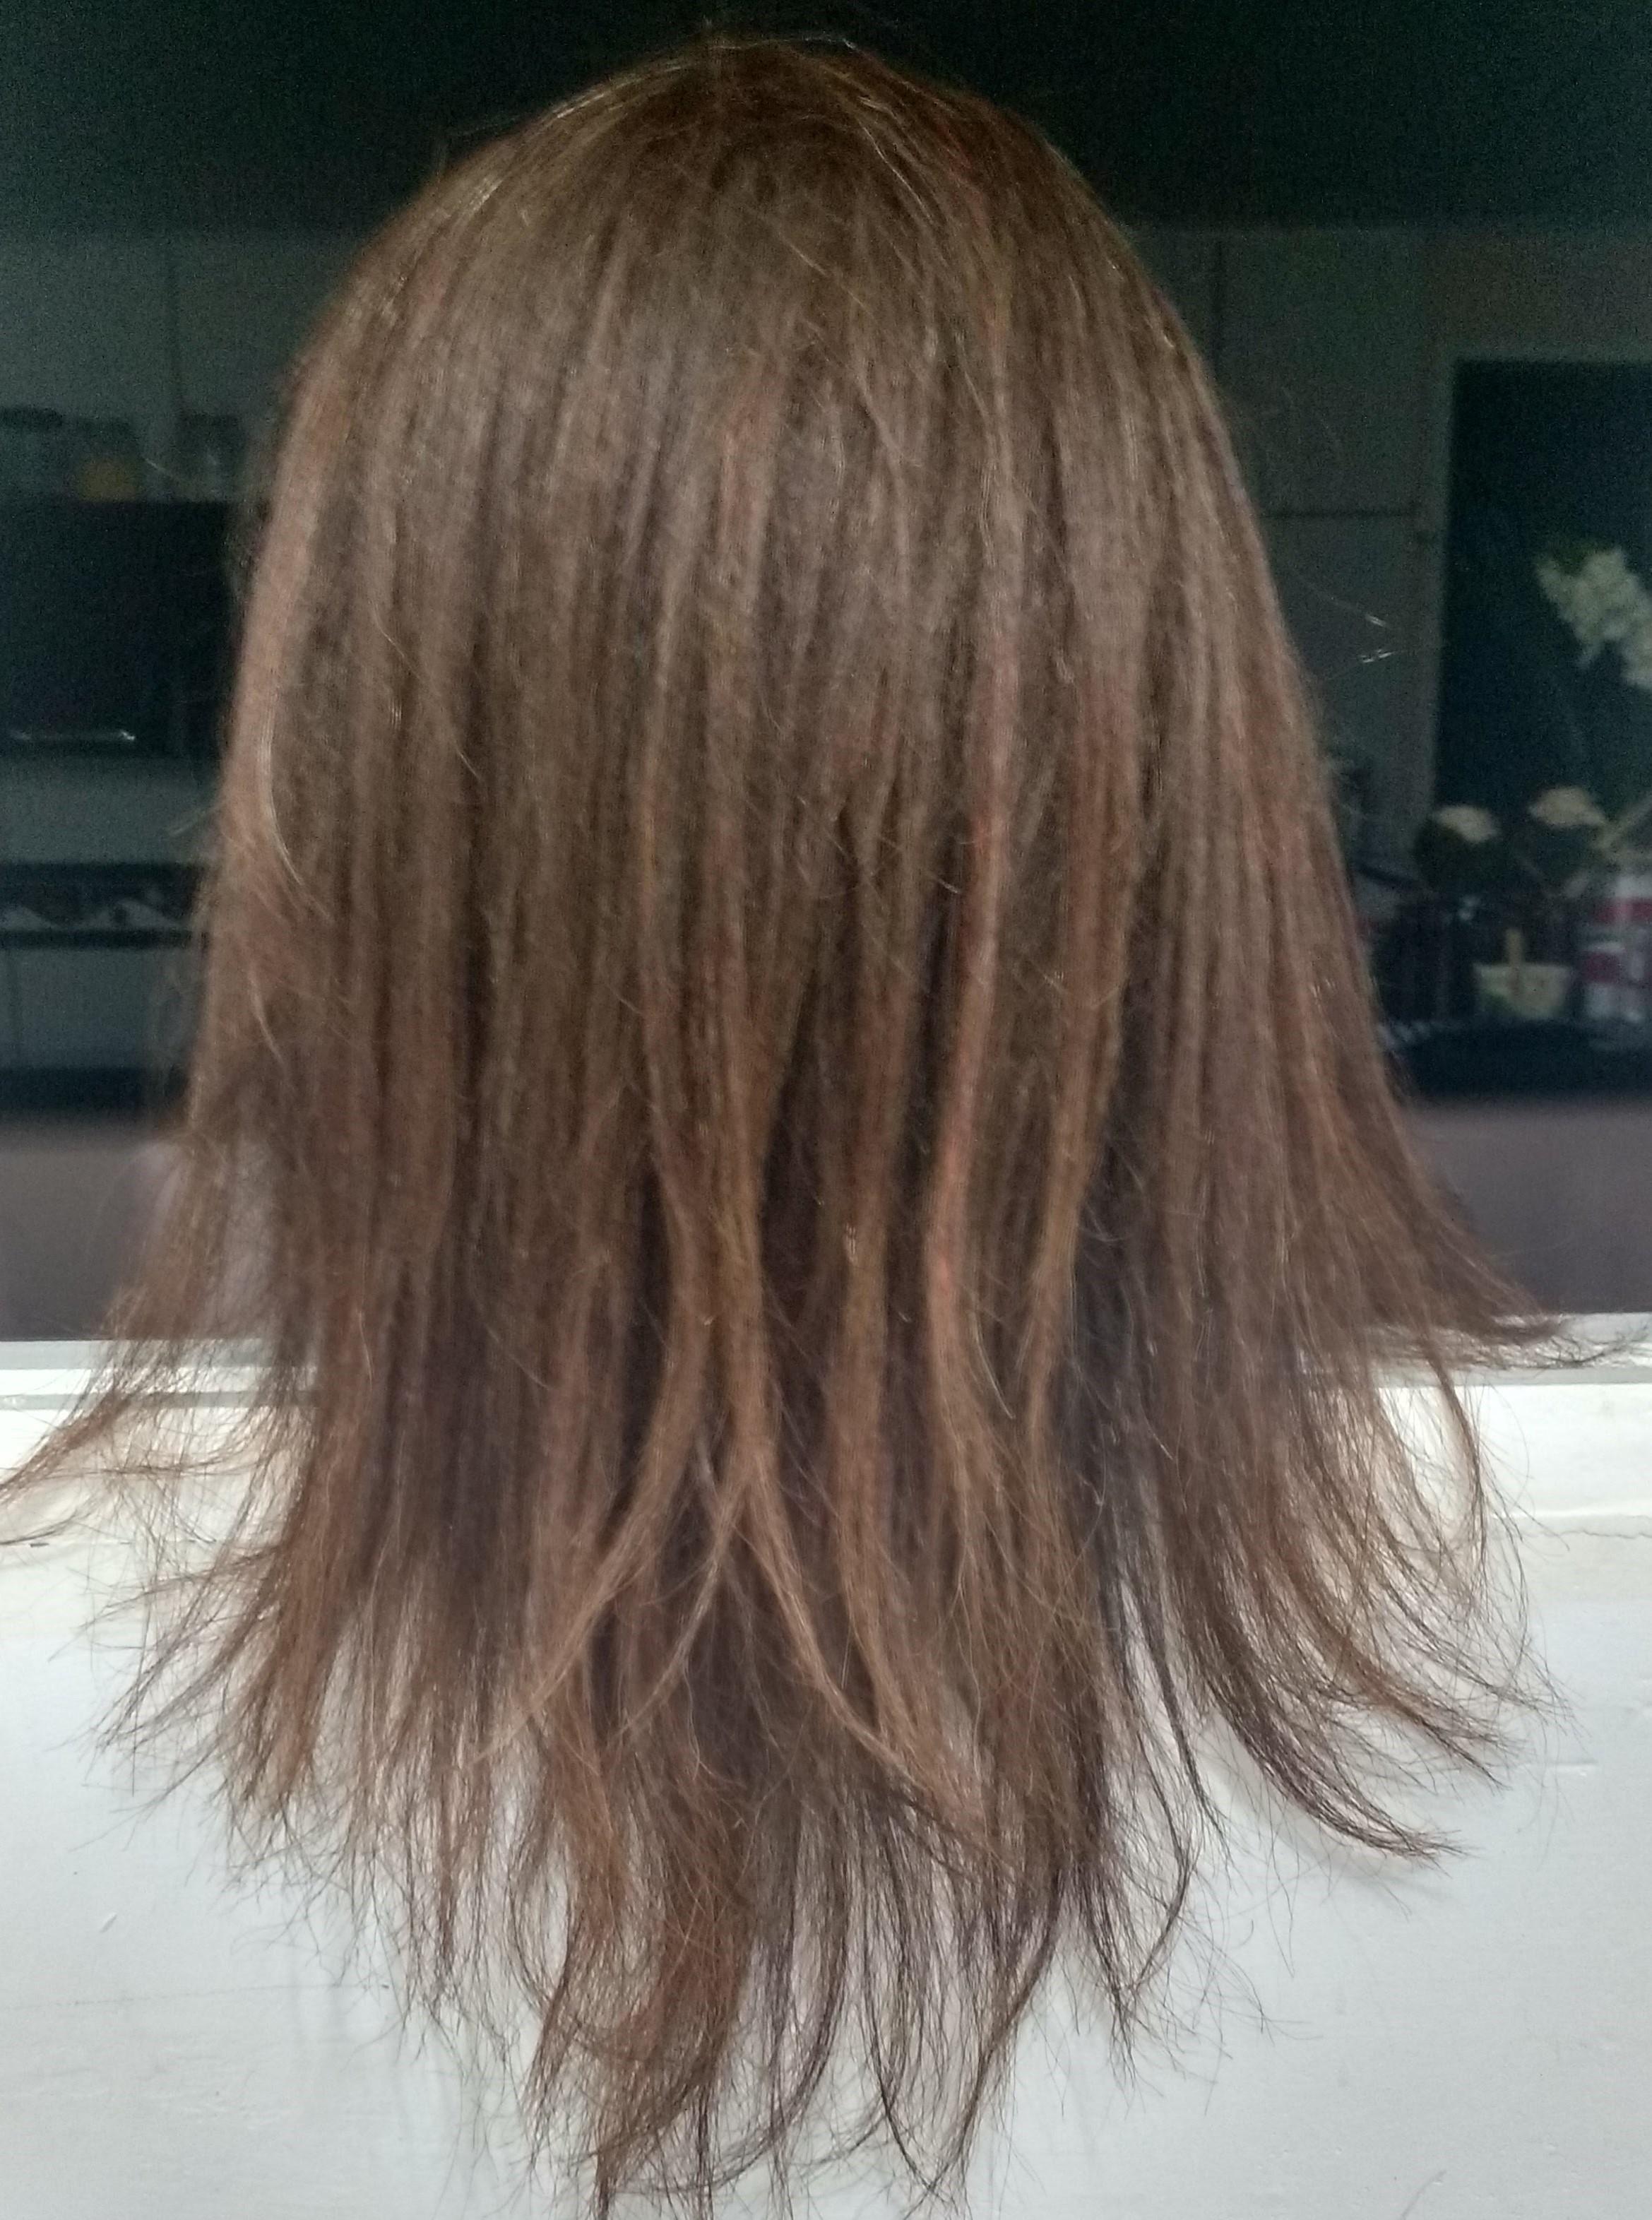 Corte em V  cabelo estudante (cabeleireiro)